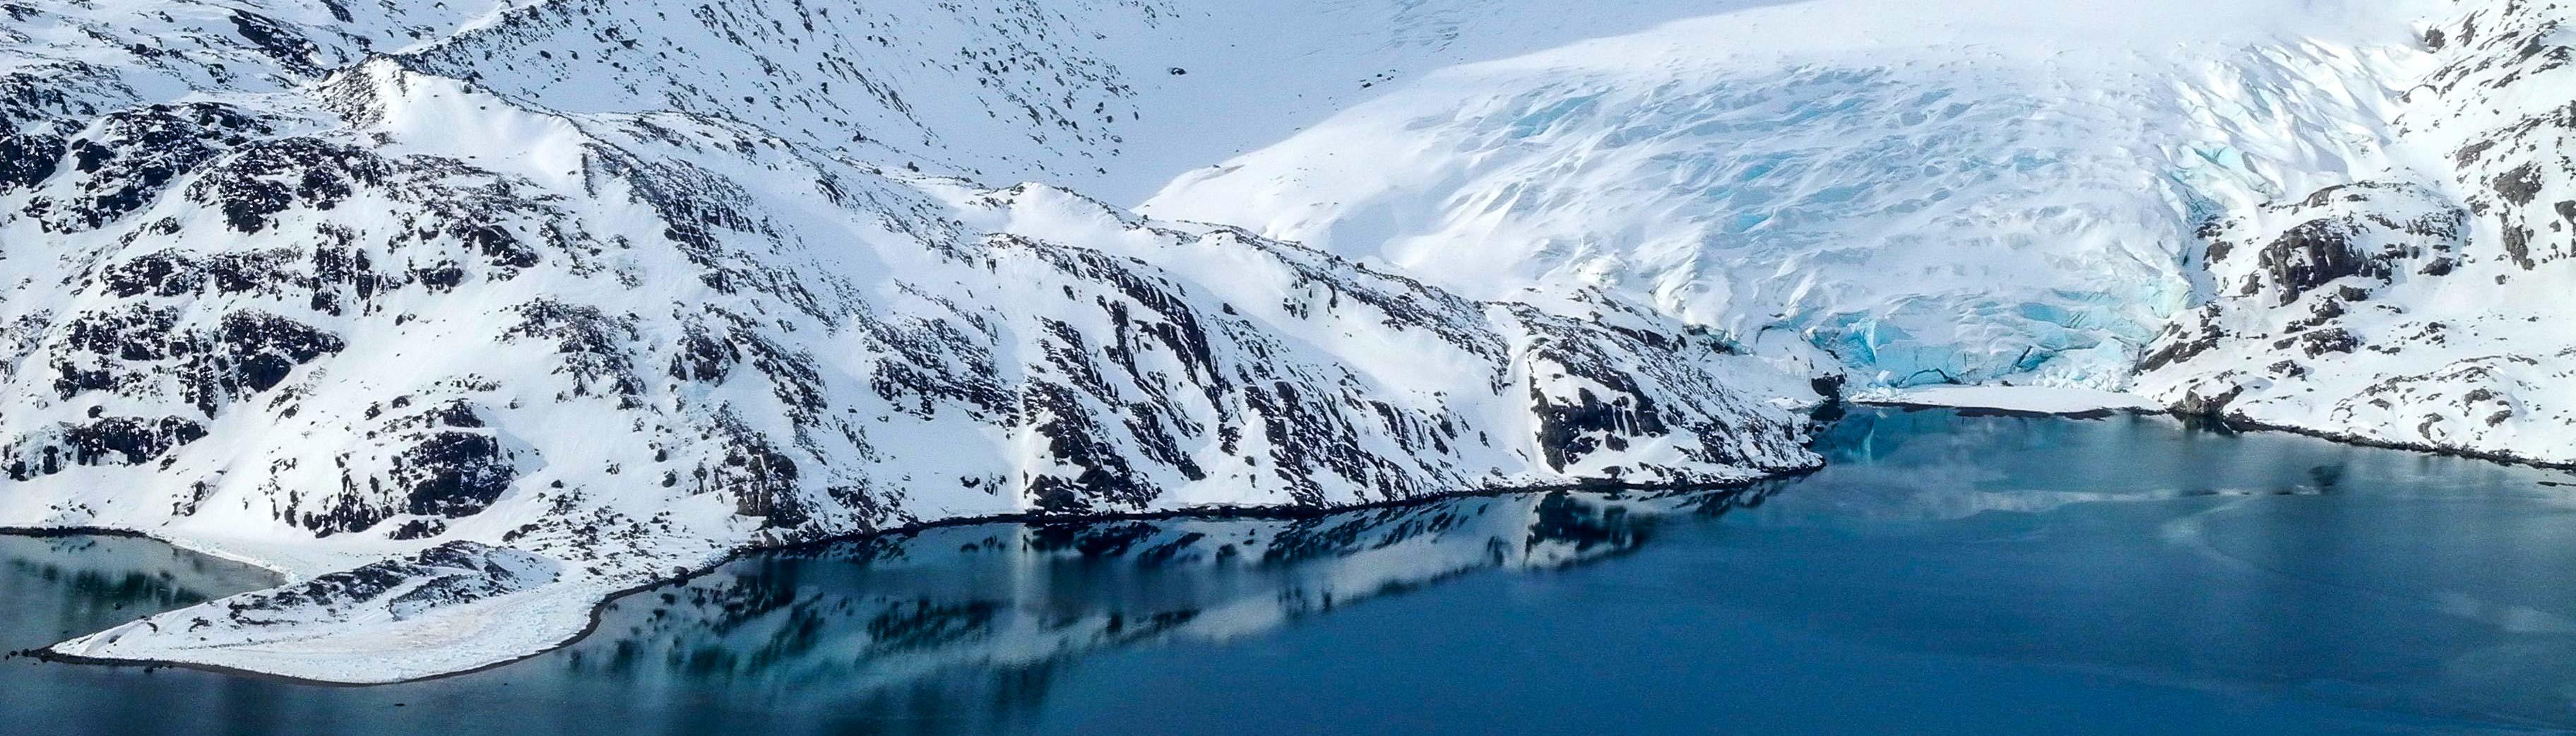 Skitourenreise Grönland